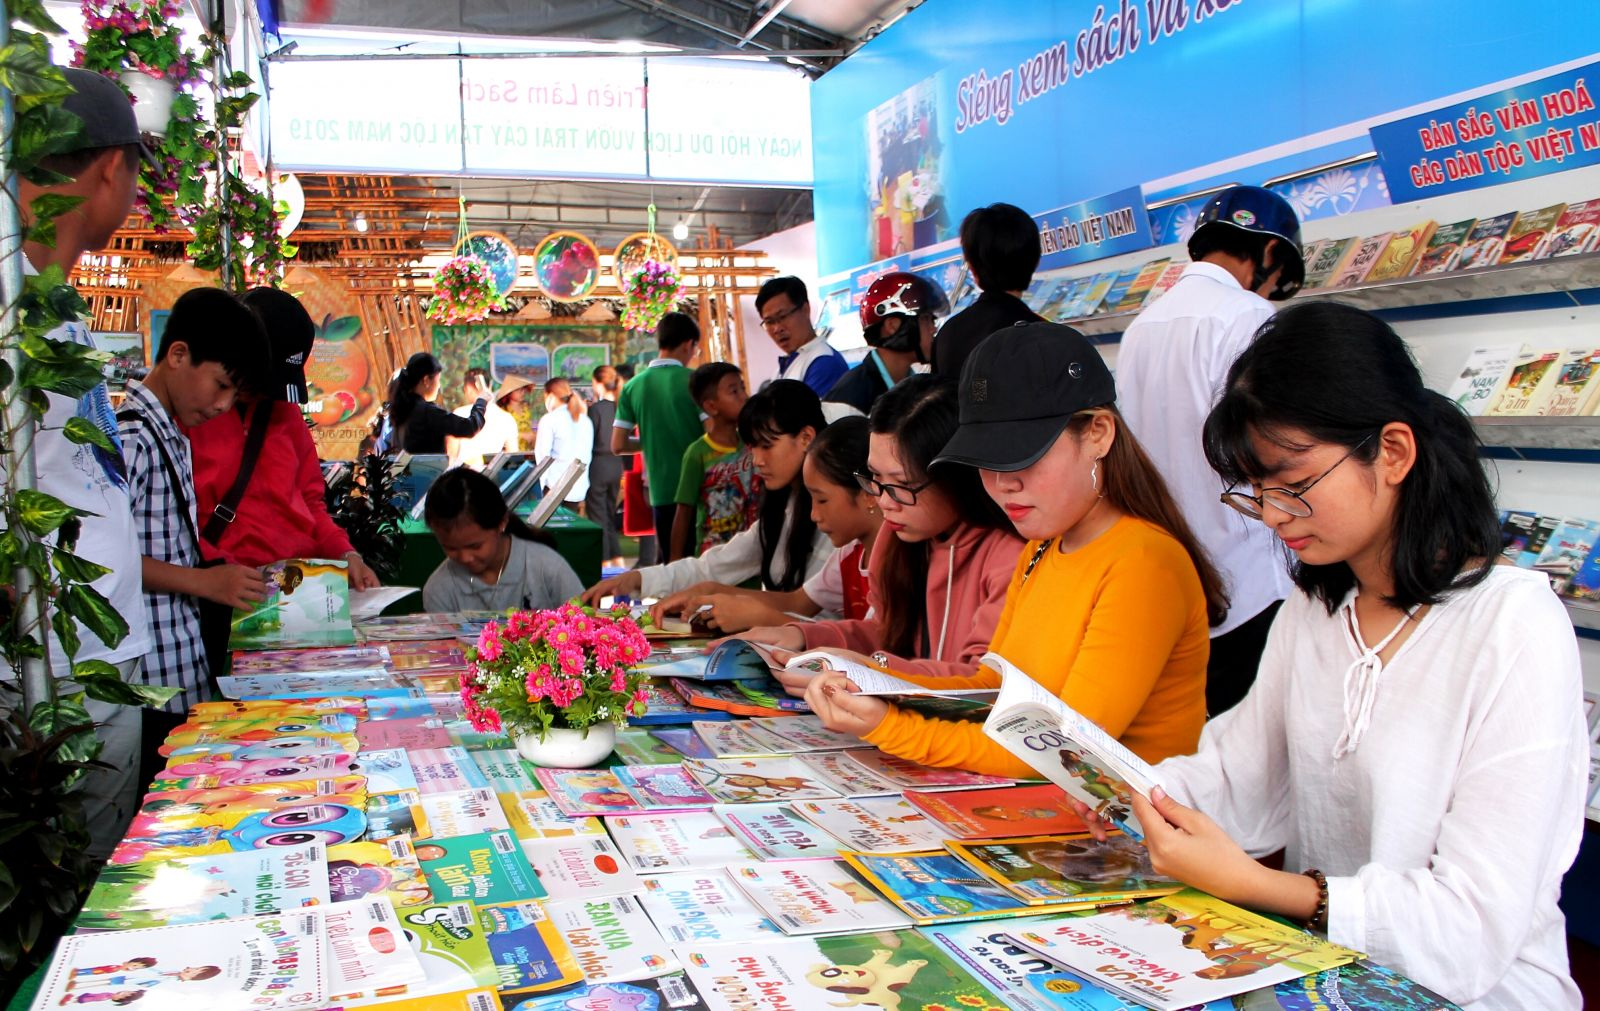 Thư viện TP Cần Thơ phục vụ sách báo cho bạn đọc tại lễ hội.